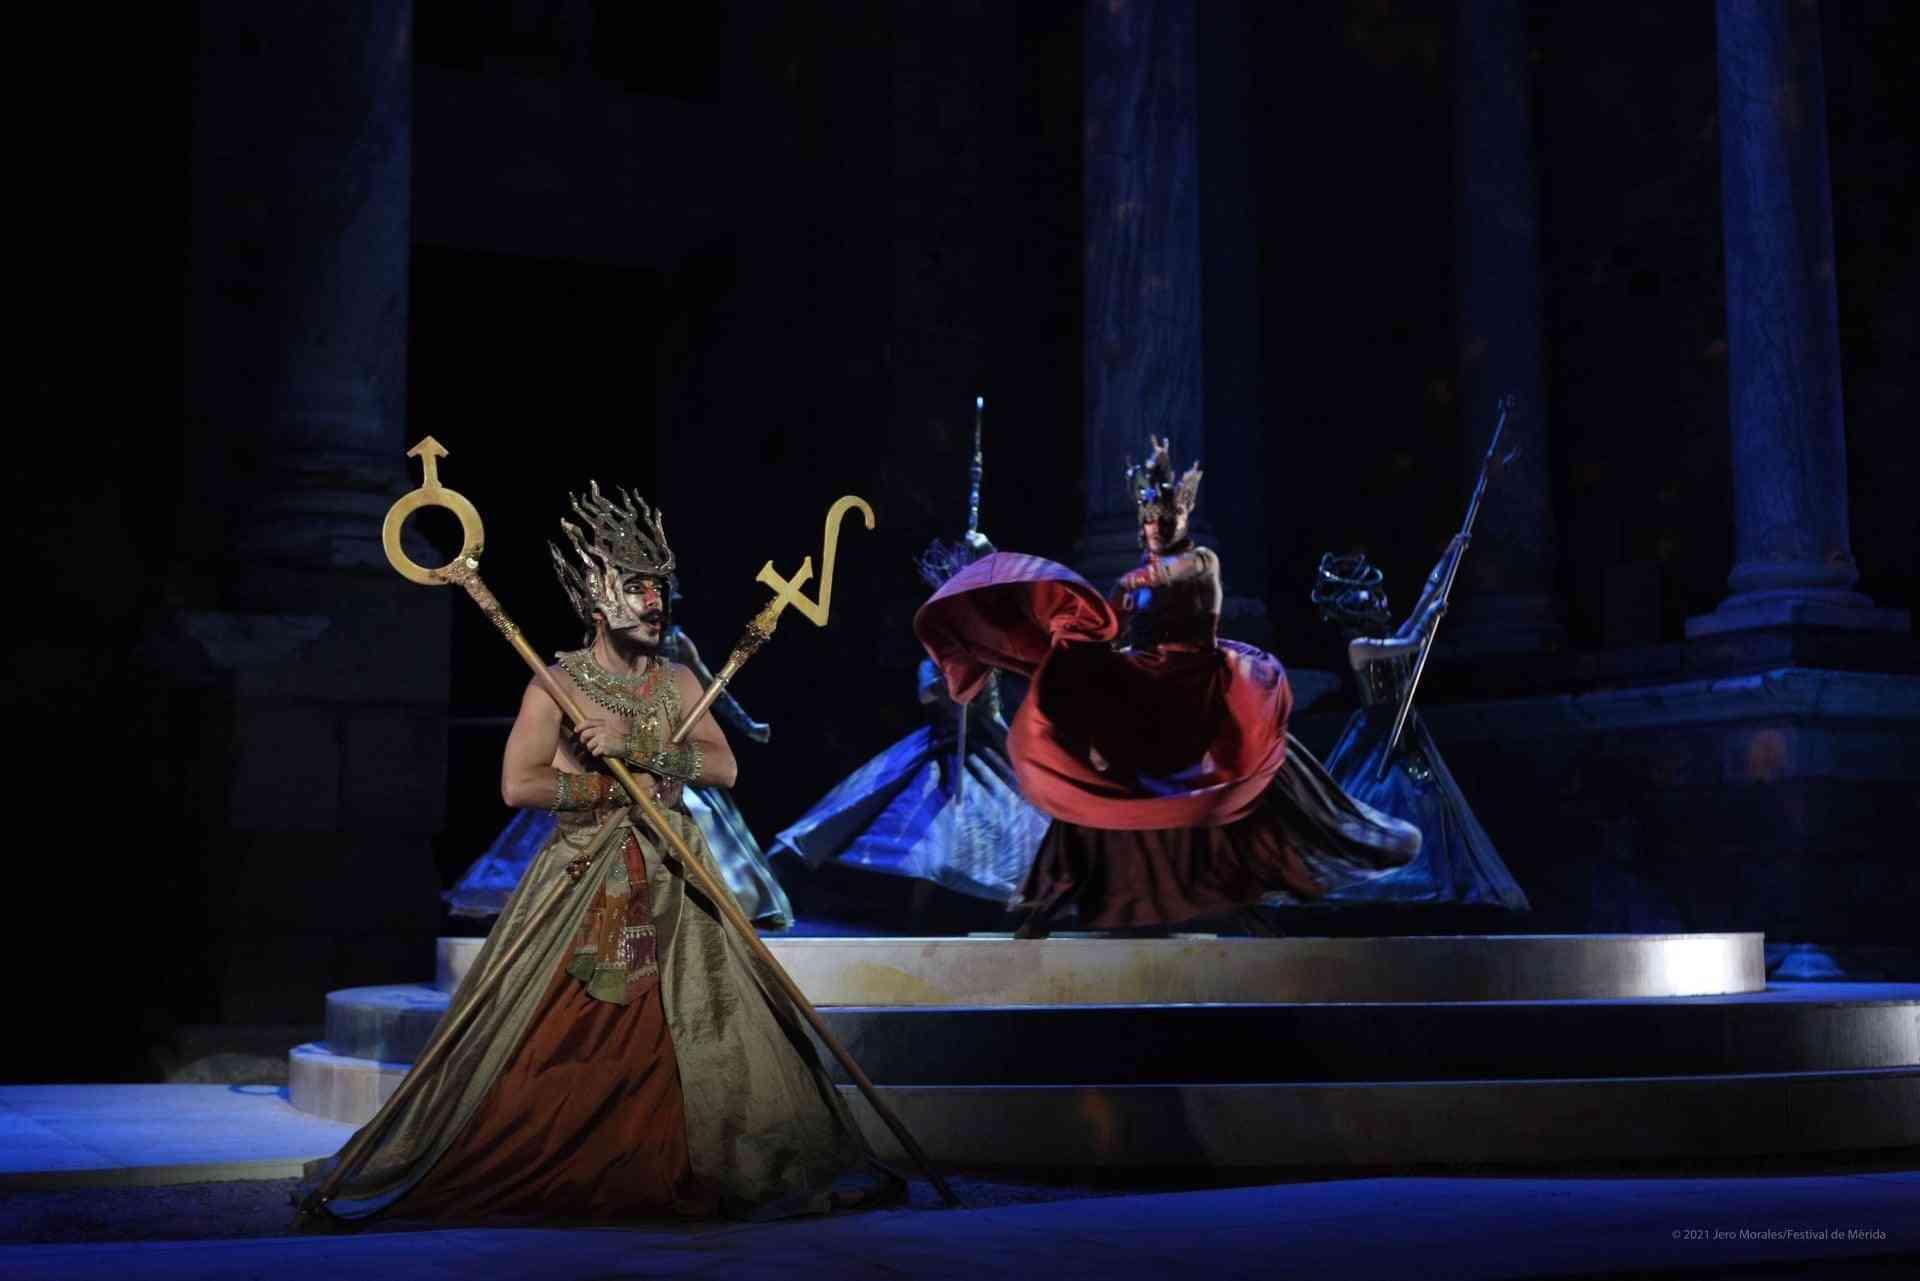 El vestuario de Rafael Garrigós, vuelve a brillar sobre el teatro romano de Mérida 19